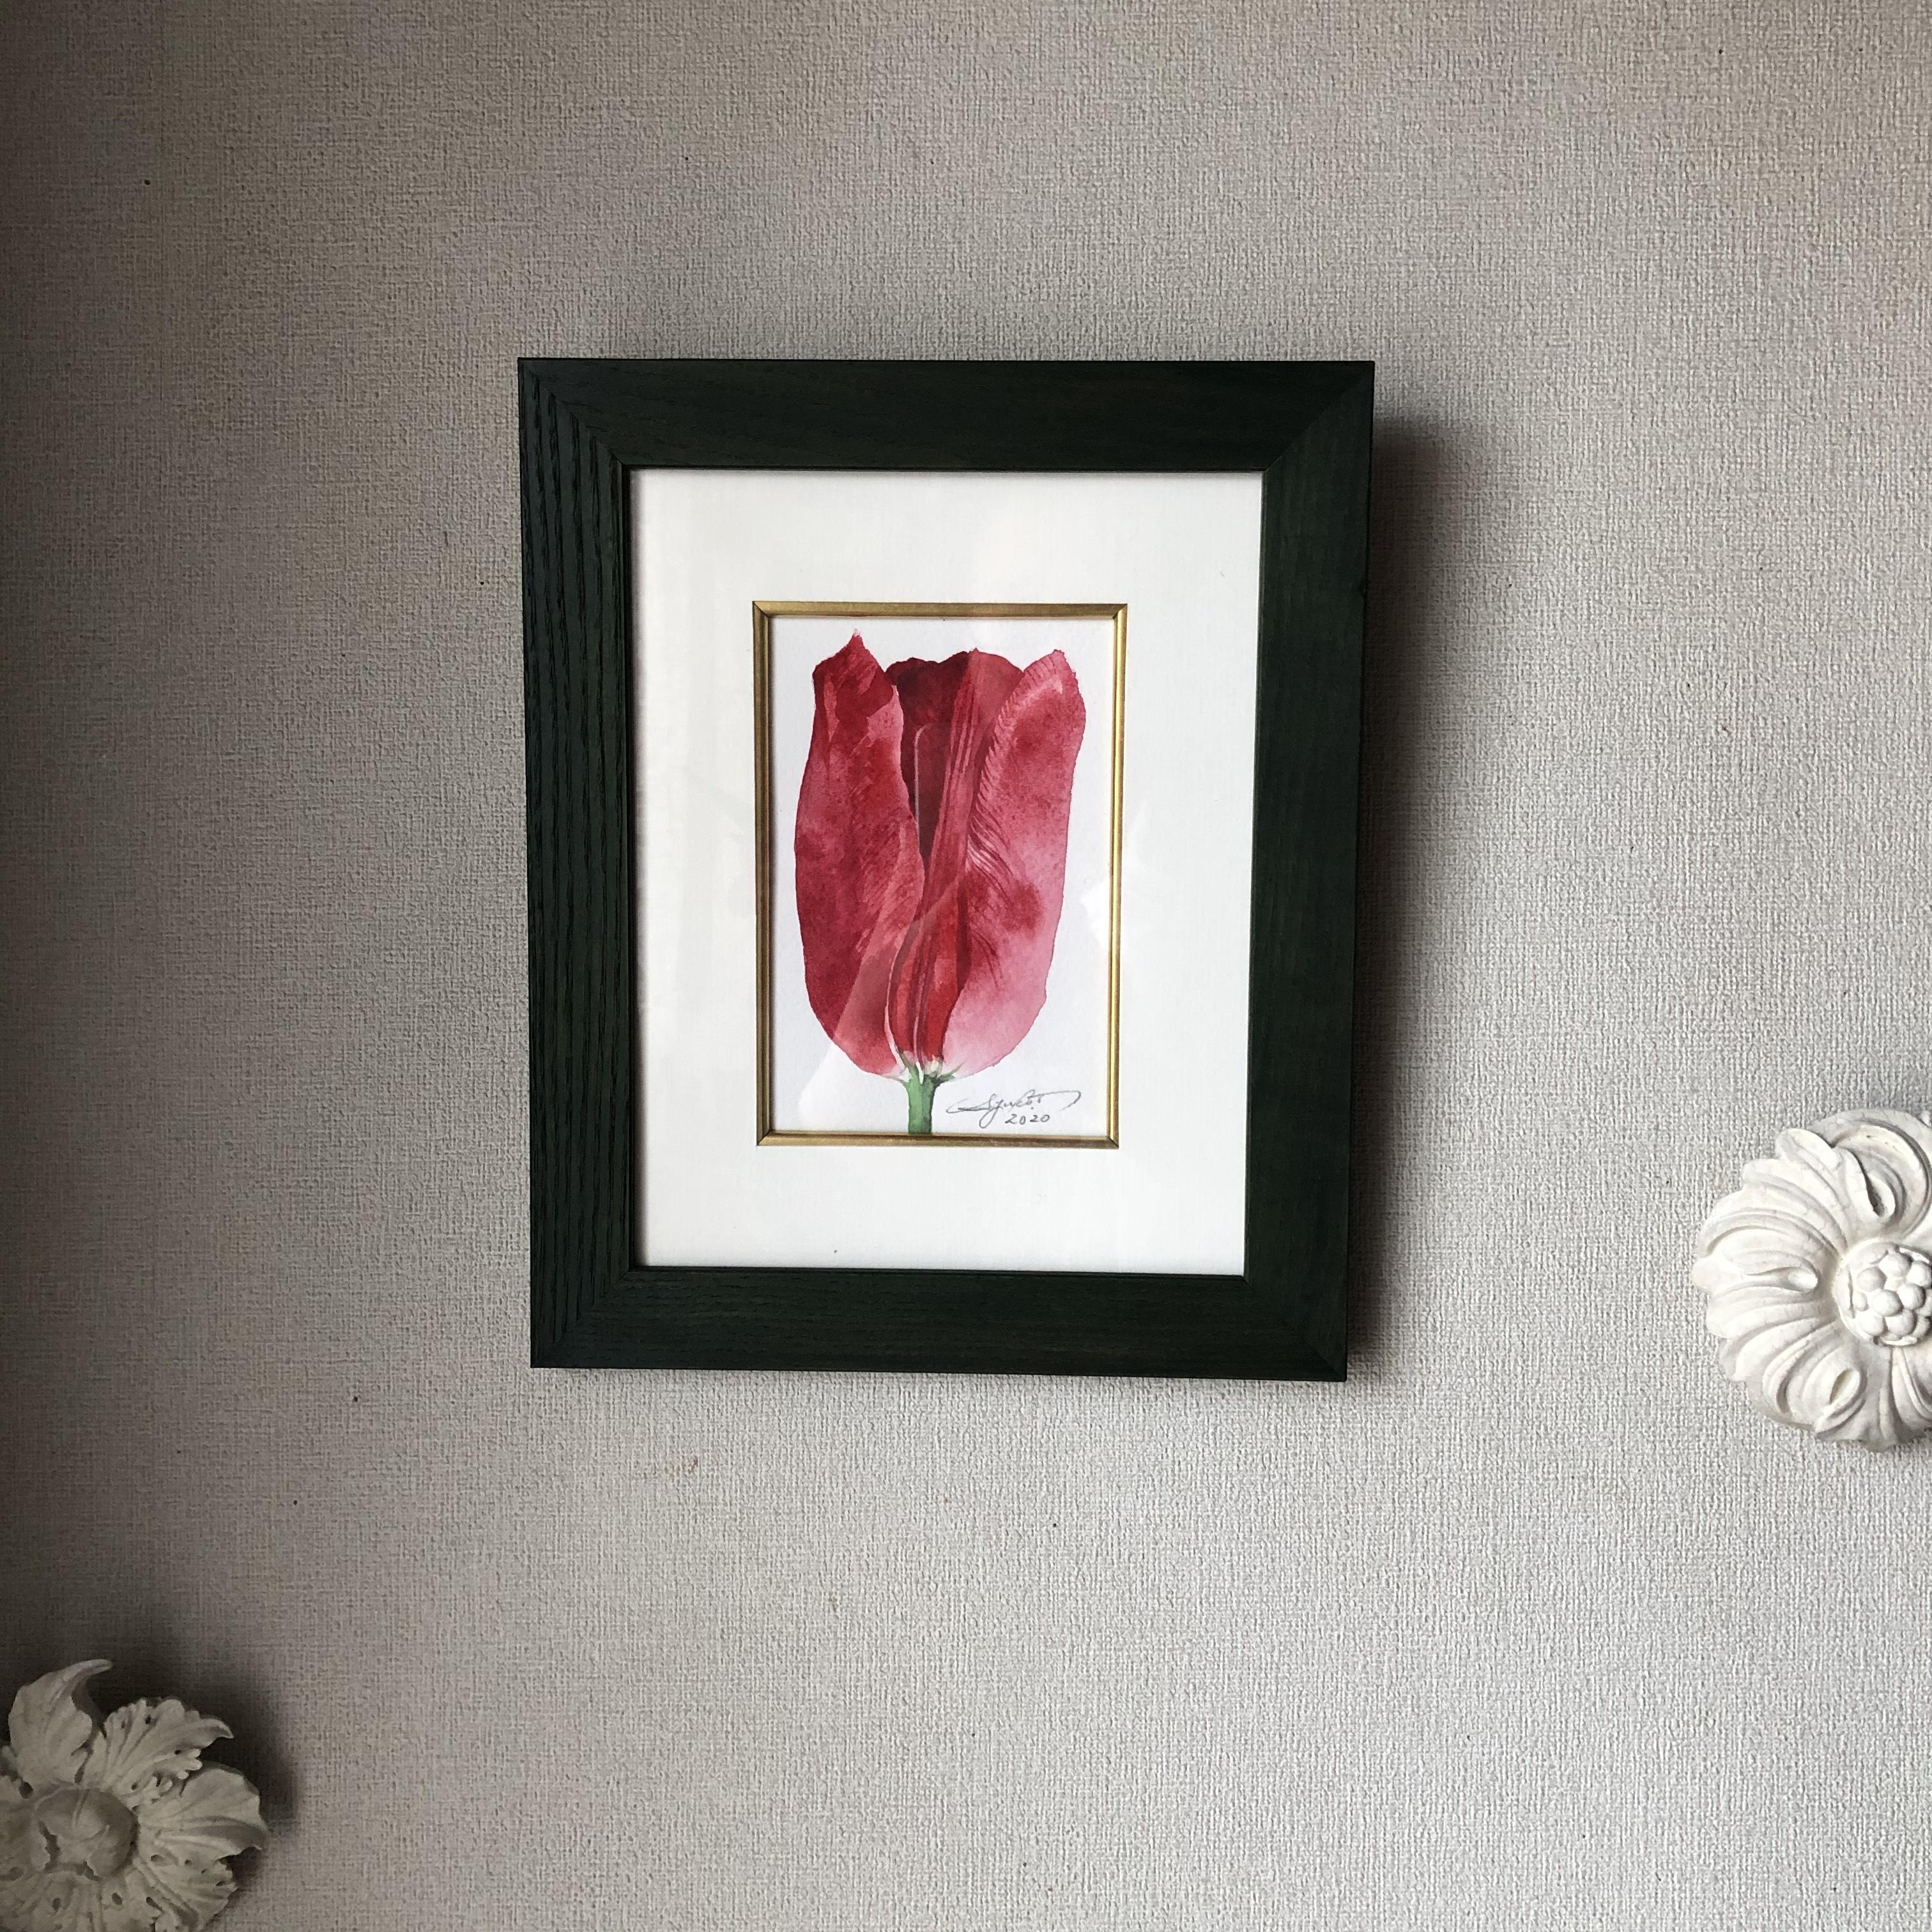 チューリップ「赤いチューリップ」はがきサイズ